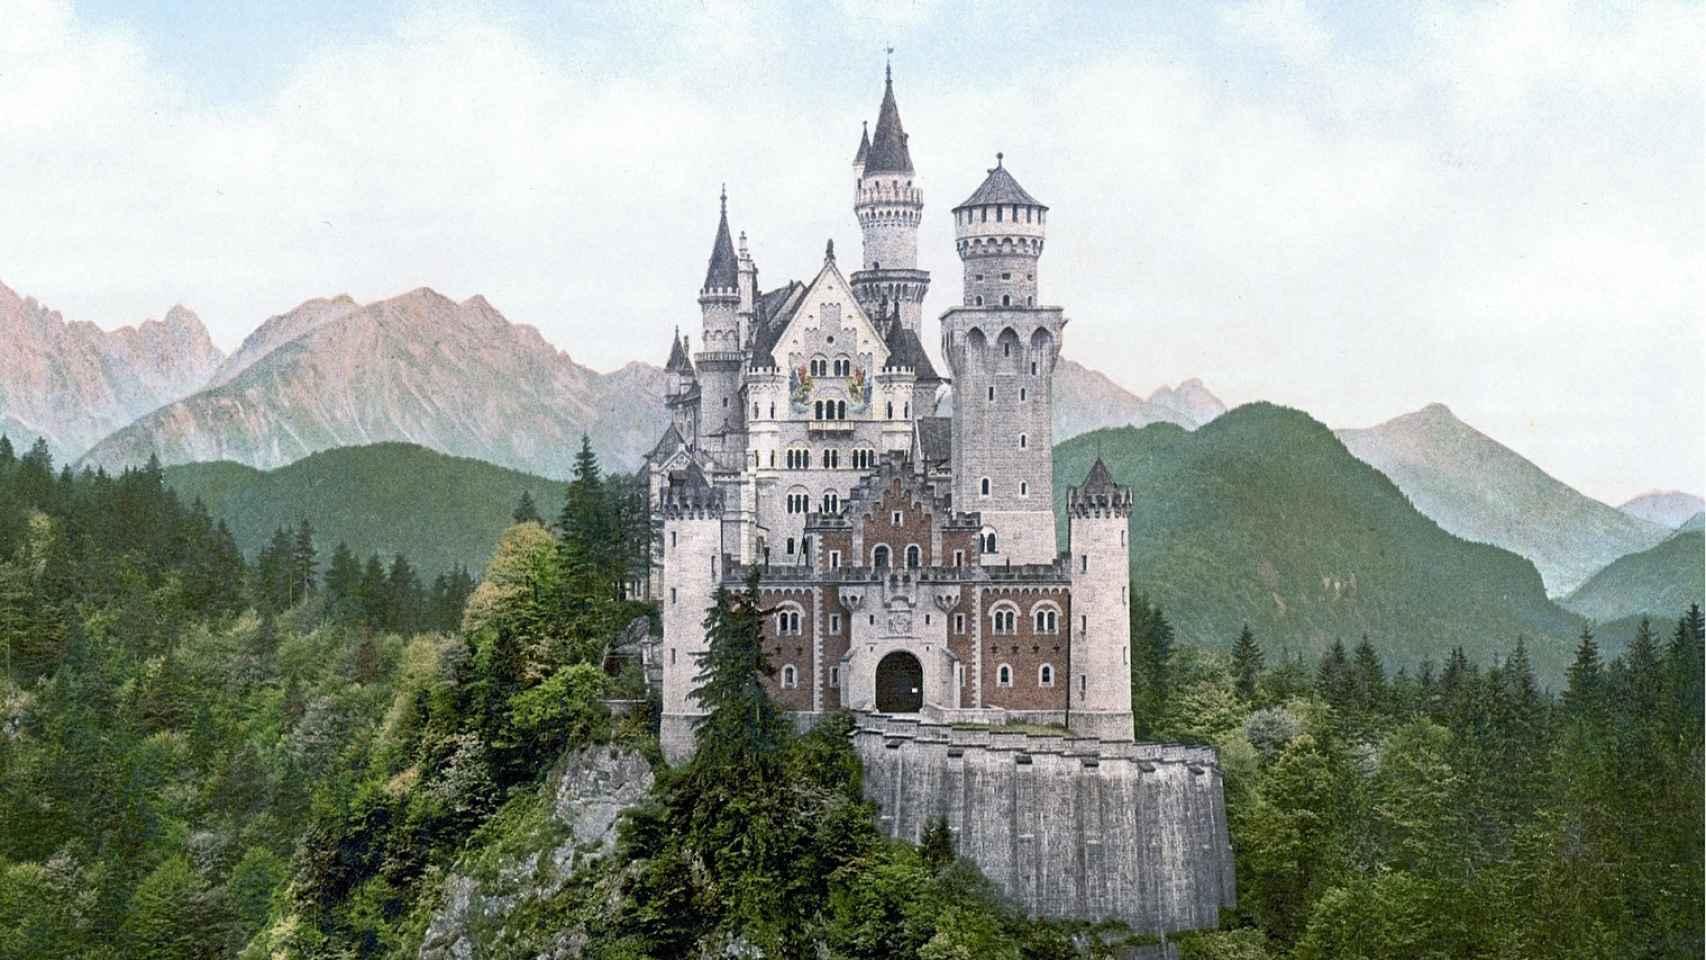 Castillos europeos, destinos con la historia y la belleza del entorno como compañeras de viaje